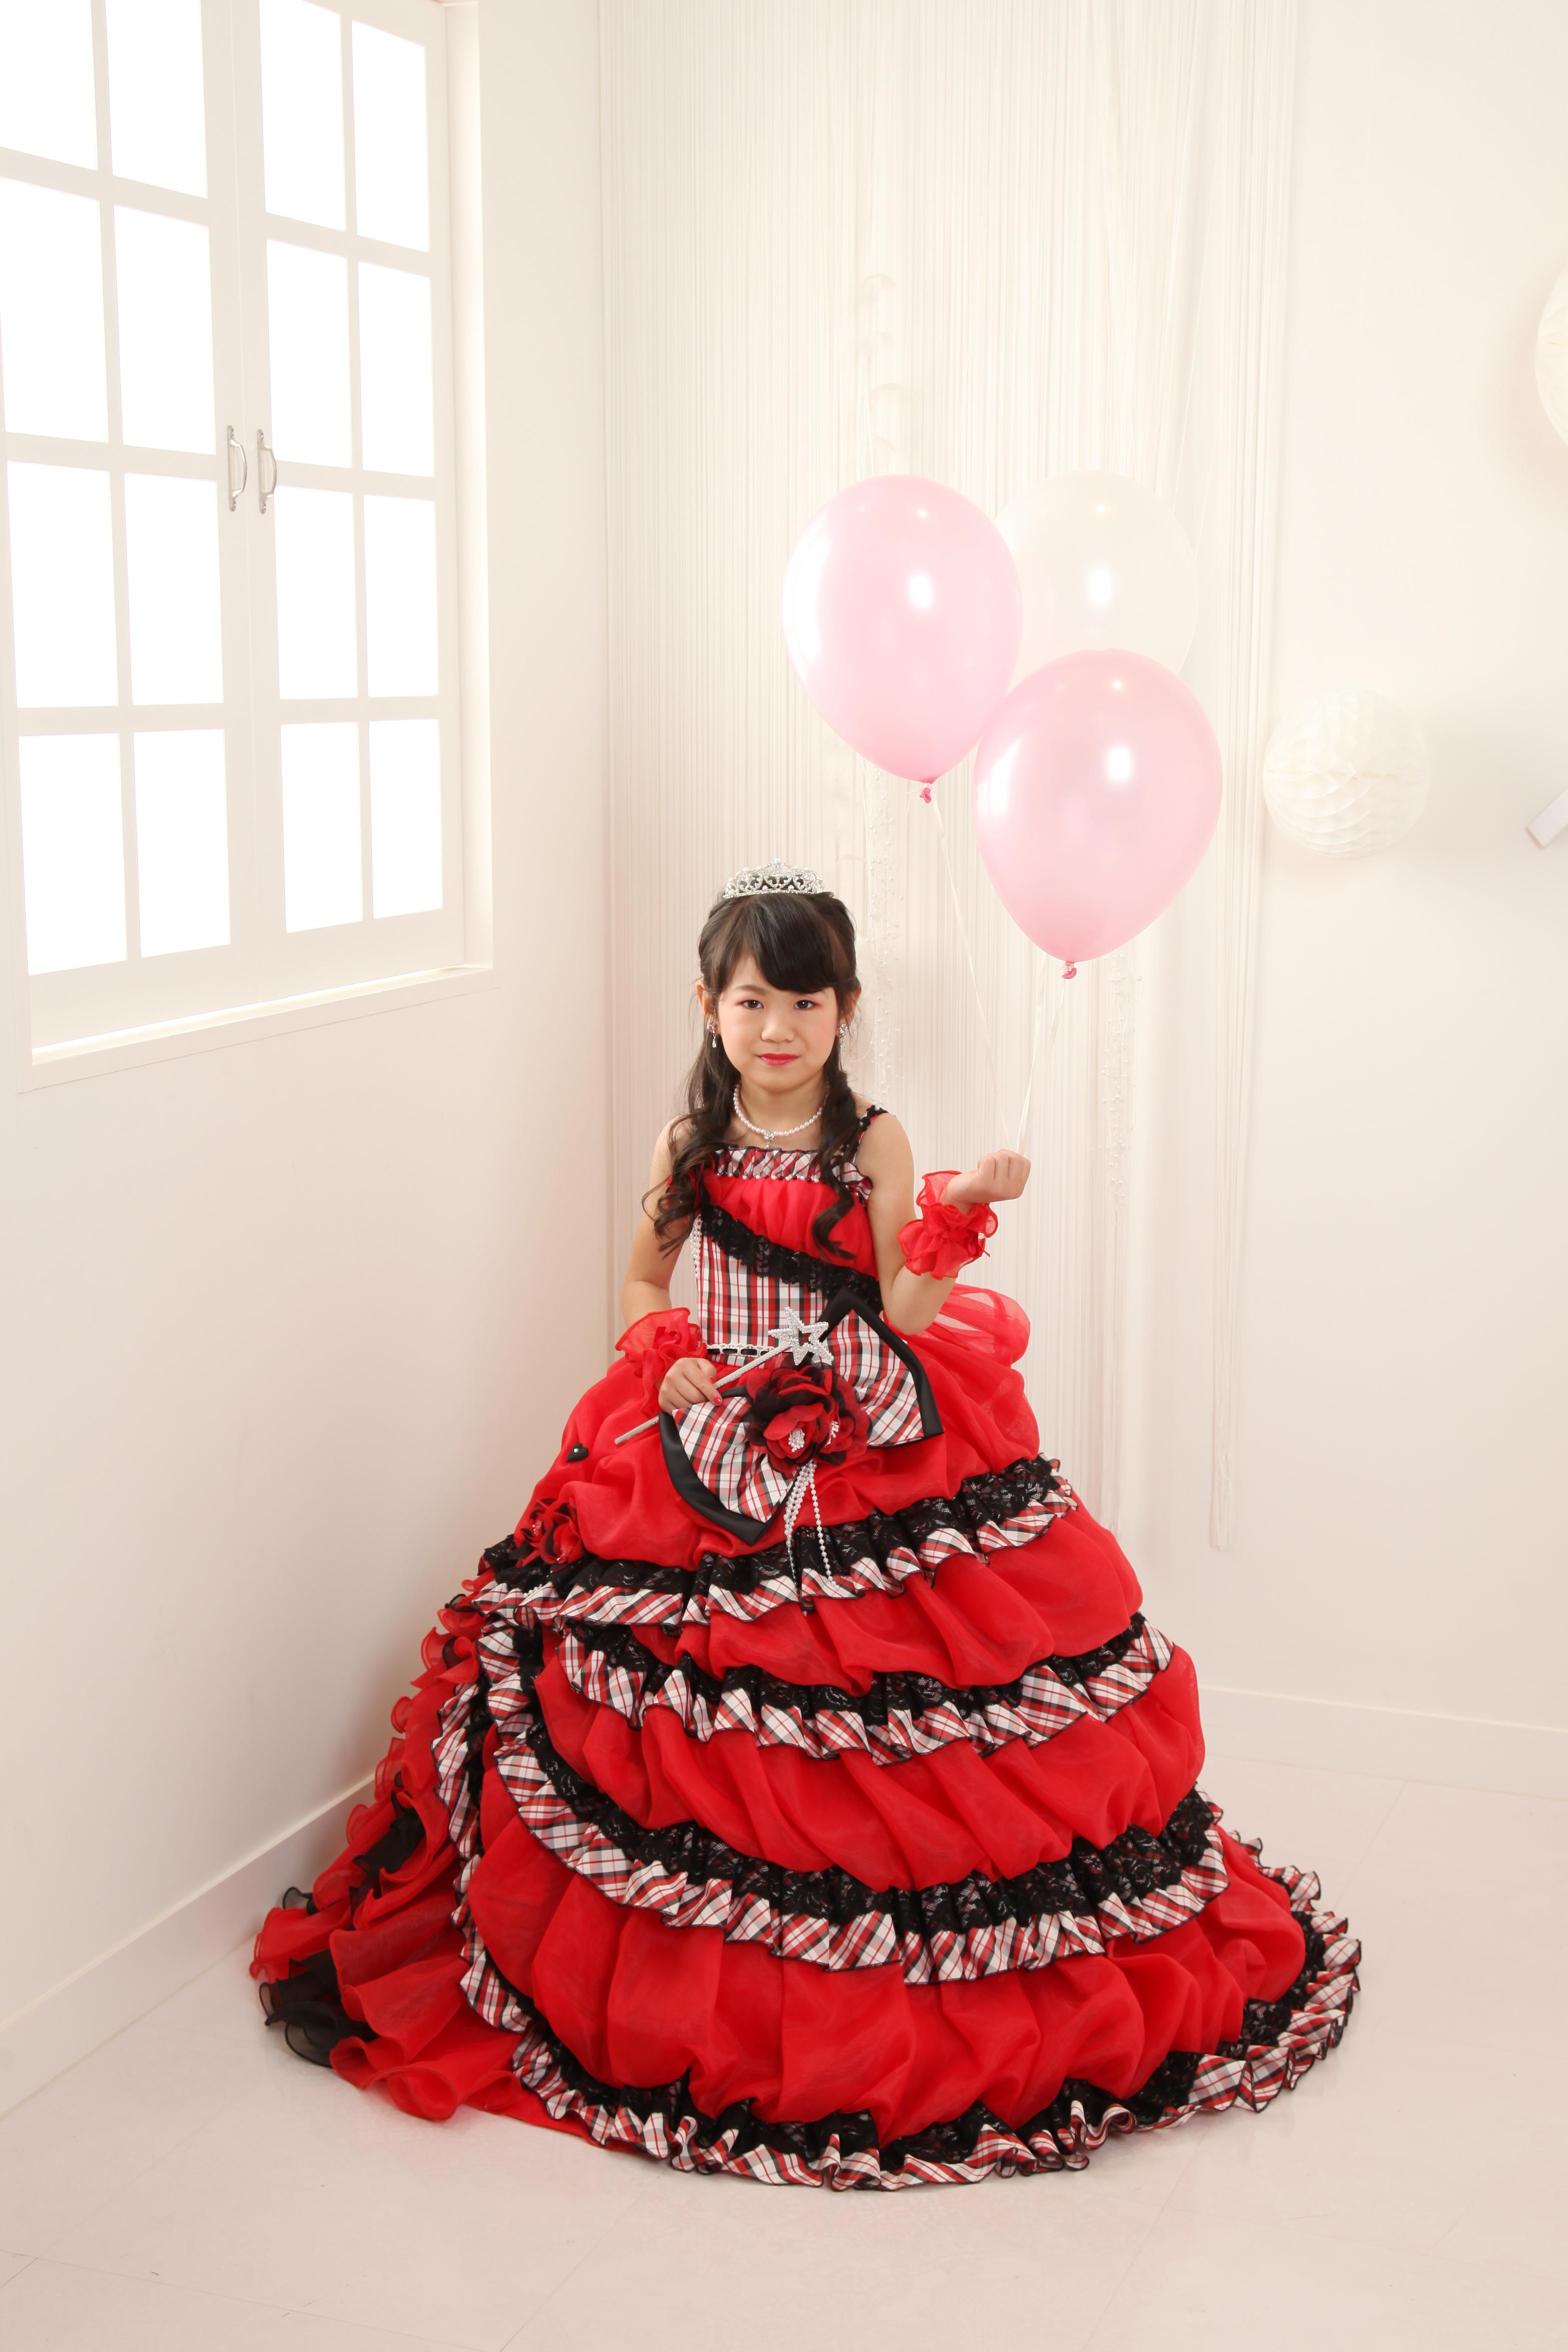 7601e28f3abcf 女の子の7歳の七五三はドレス撮影も大人気☆好きな色、デザインのドレスを試着して決めます♪もう7歳になると自分の意見がしっかりしているので、ママと話し合い  ...